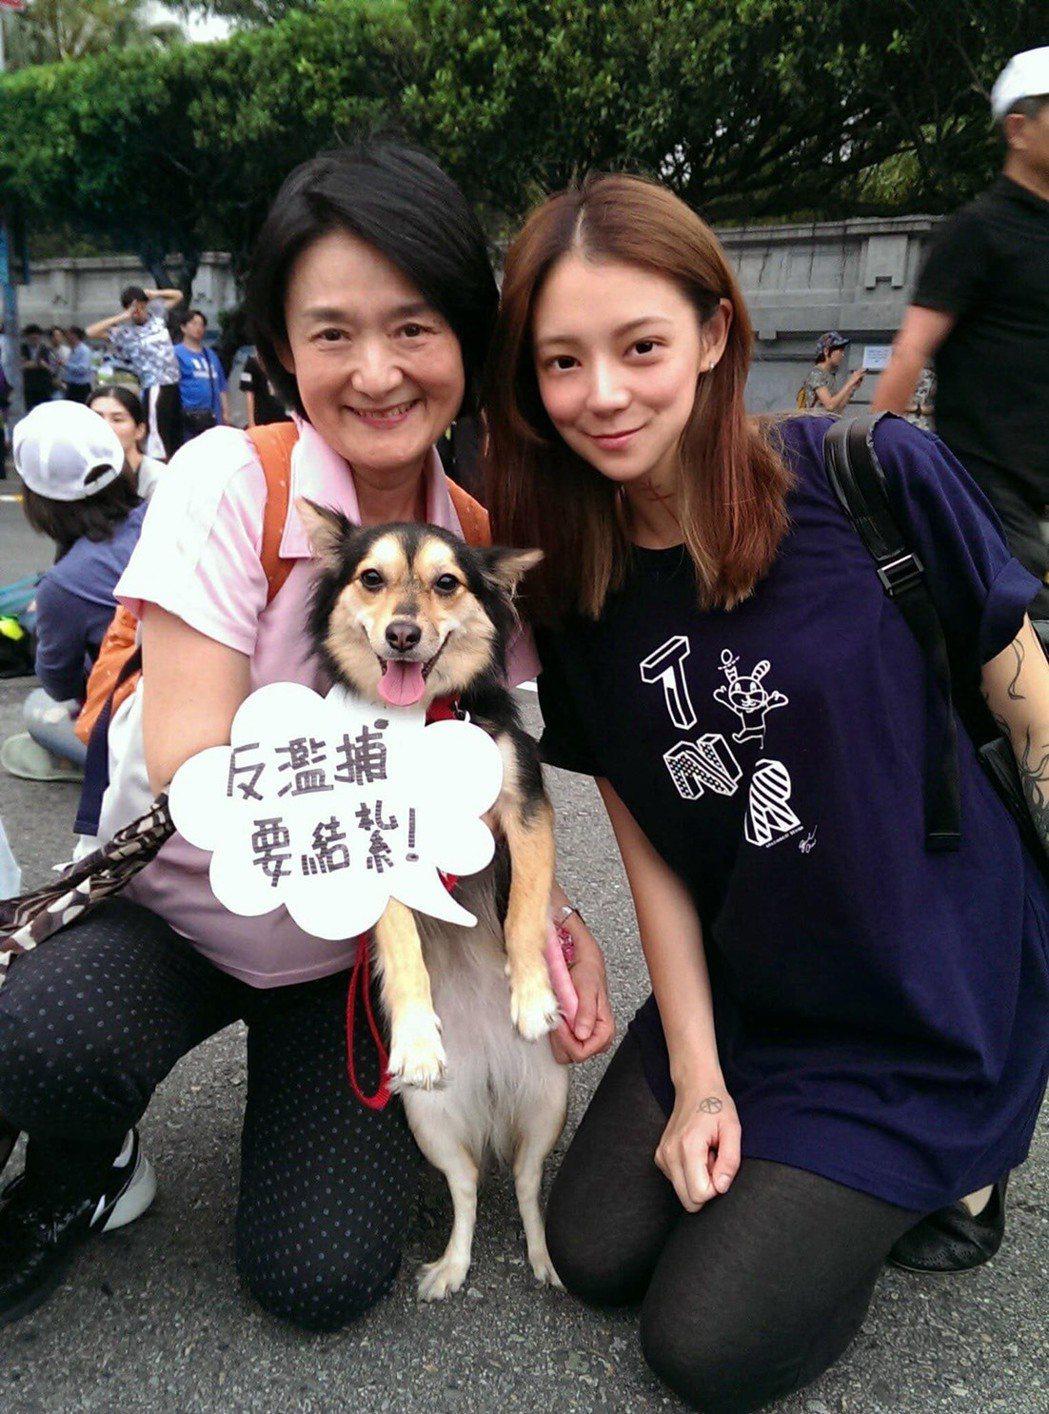 譚艾珍和女兒歐陽靖都是愛貓狗一族。圖/翻攝臉書